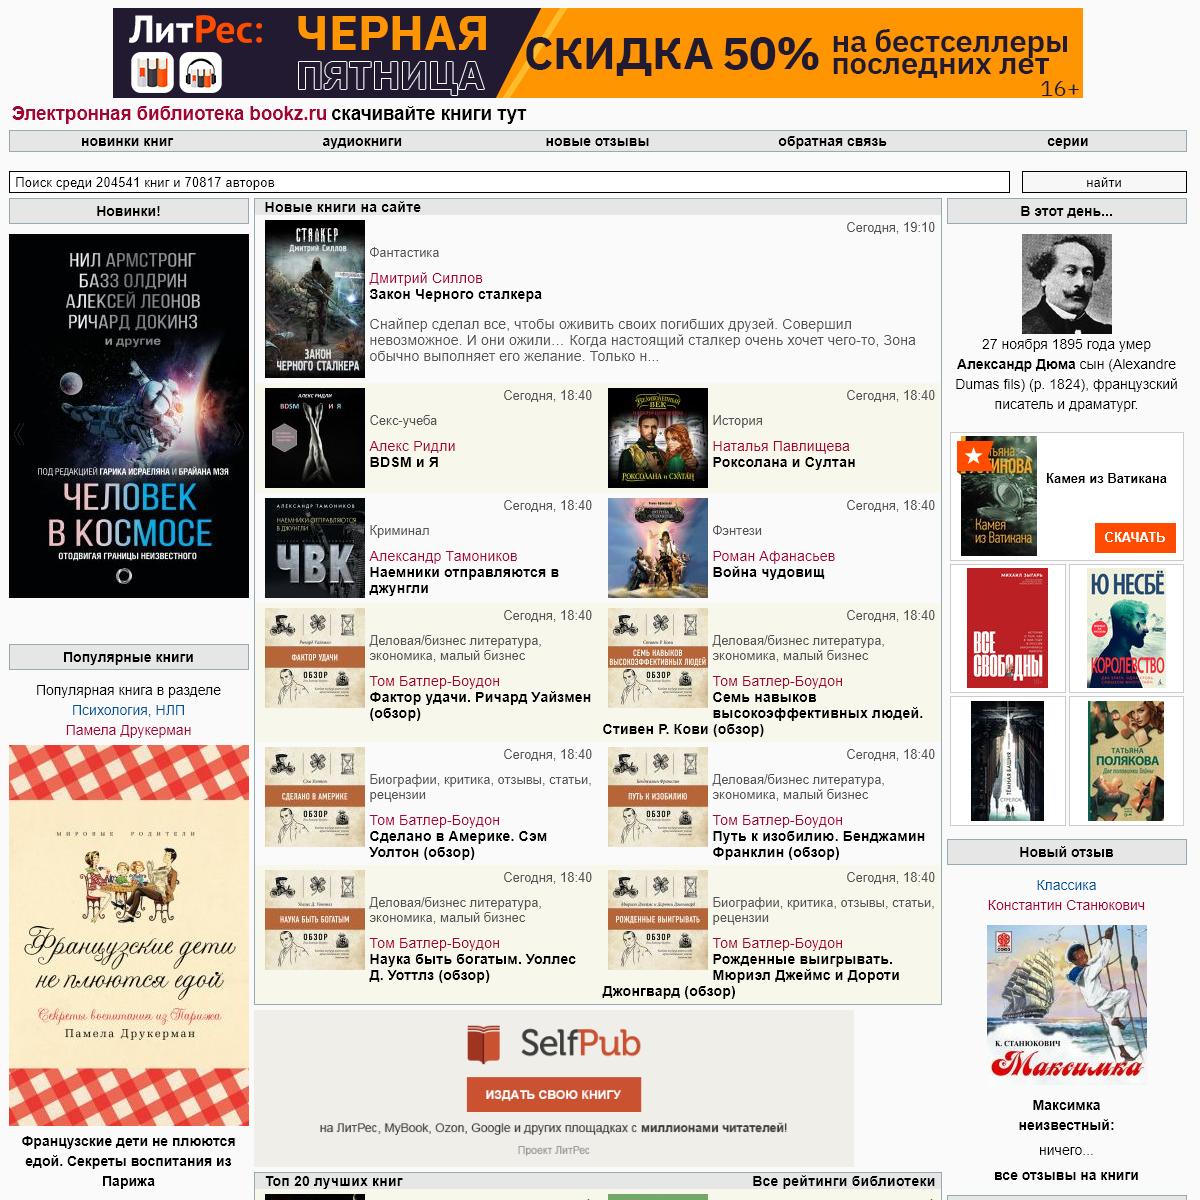 Электронная библиотека - скачать книги бесплатно, журналы, словари лю�